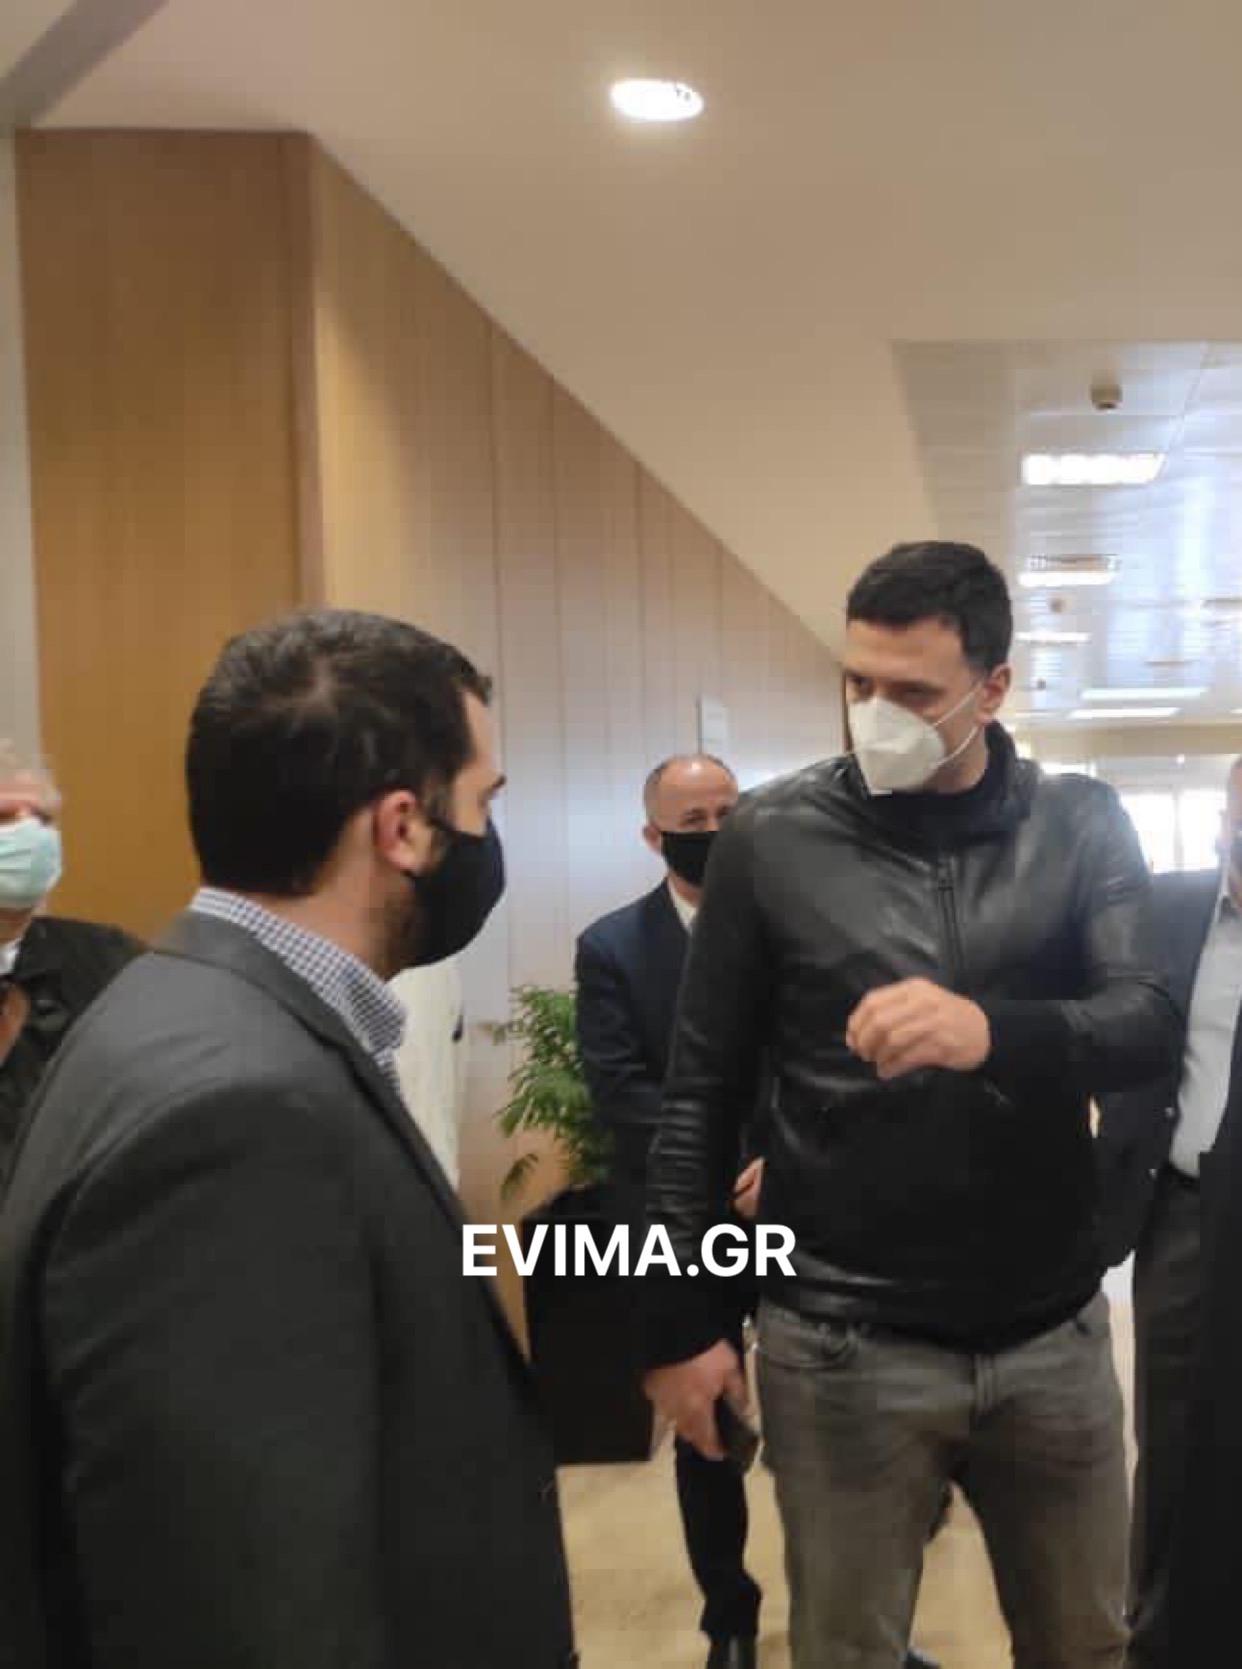 Εύβοια: Σπανός και Κικίλιας ευχαρίστησαν τους υγειονομικούς για τον επώδυνο αγώνα τους